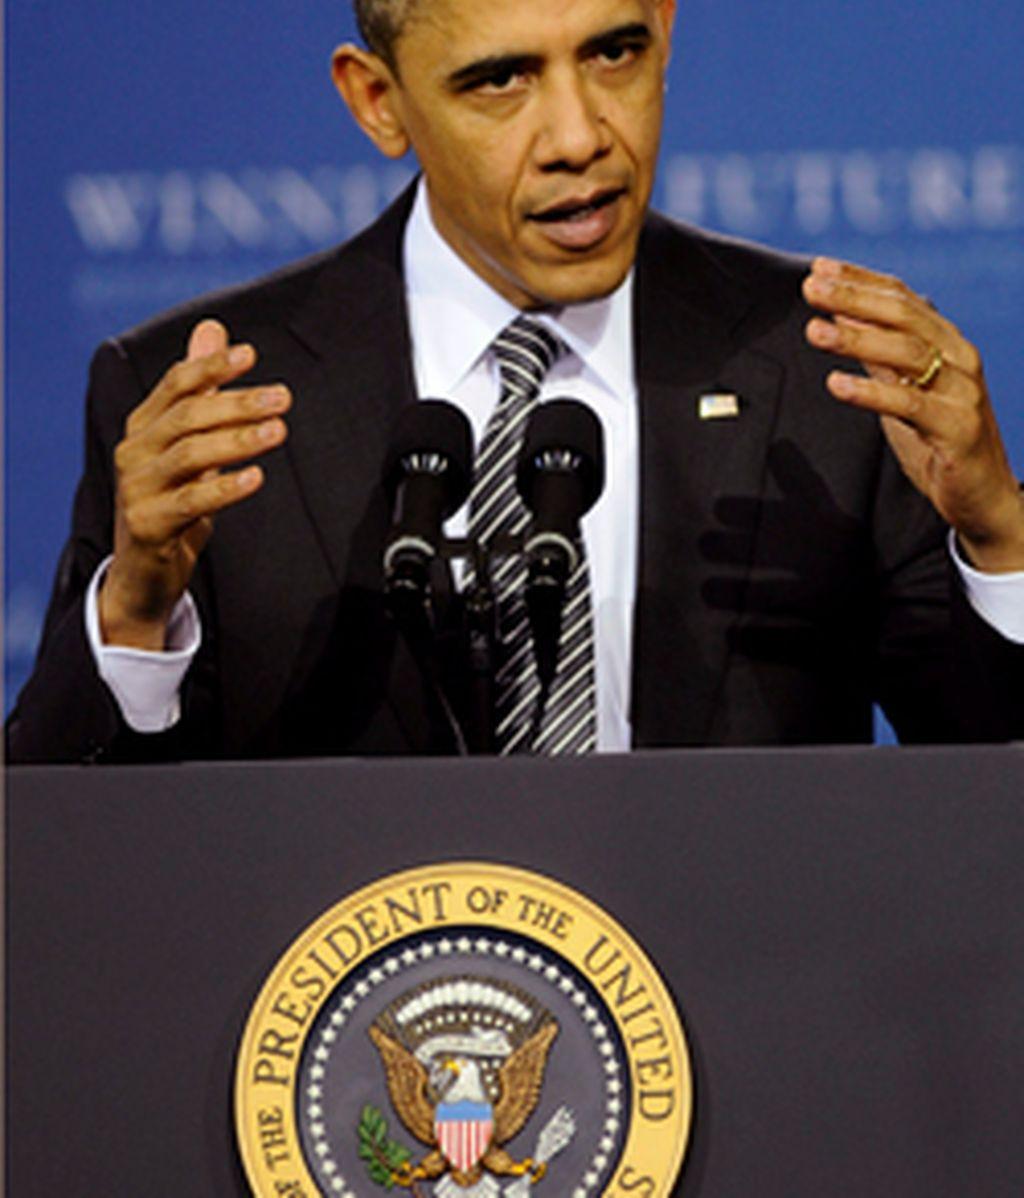 """La campaña de Obama podría reunir alrededor de 1.000 millones de dólares y que """"tendrá su base de operaciones en Chicago. Vídeo: ATLAS"""